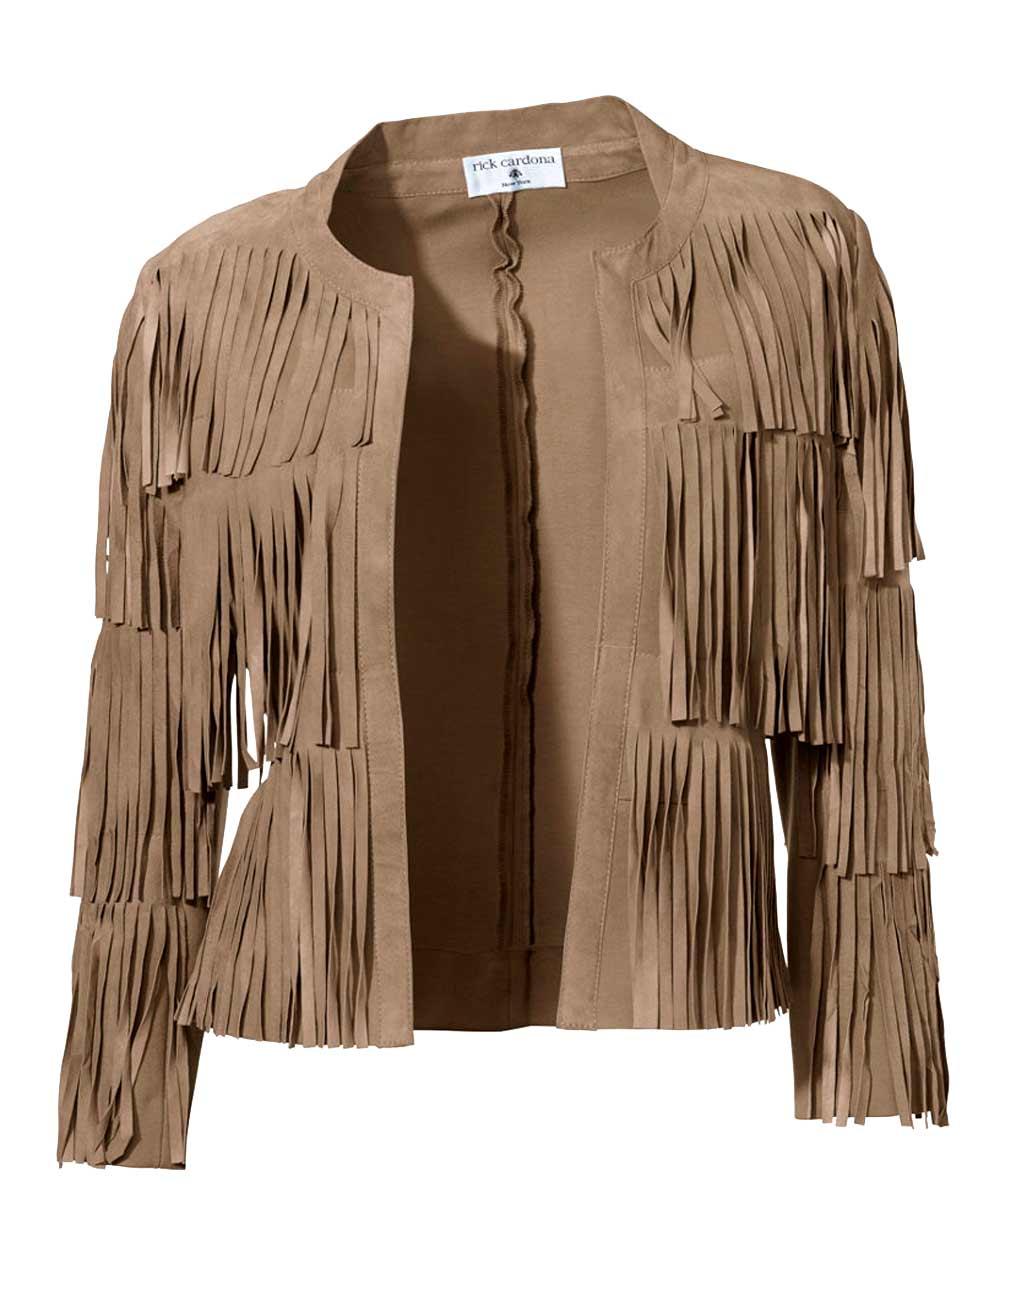 jacken auf rechnung bestellen als neukunde Rick Cardona Designer Damen-Fransenvelourslederjacke Lederacke Braun Cognac 175.304 MISSFORTY